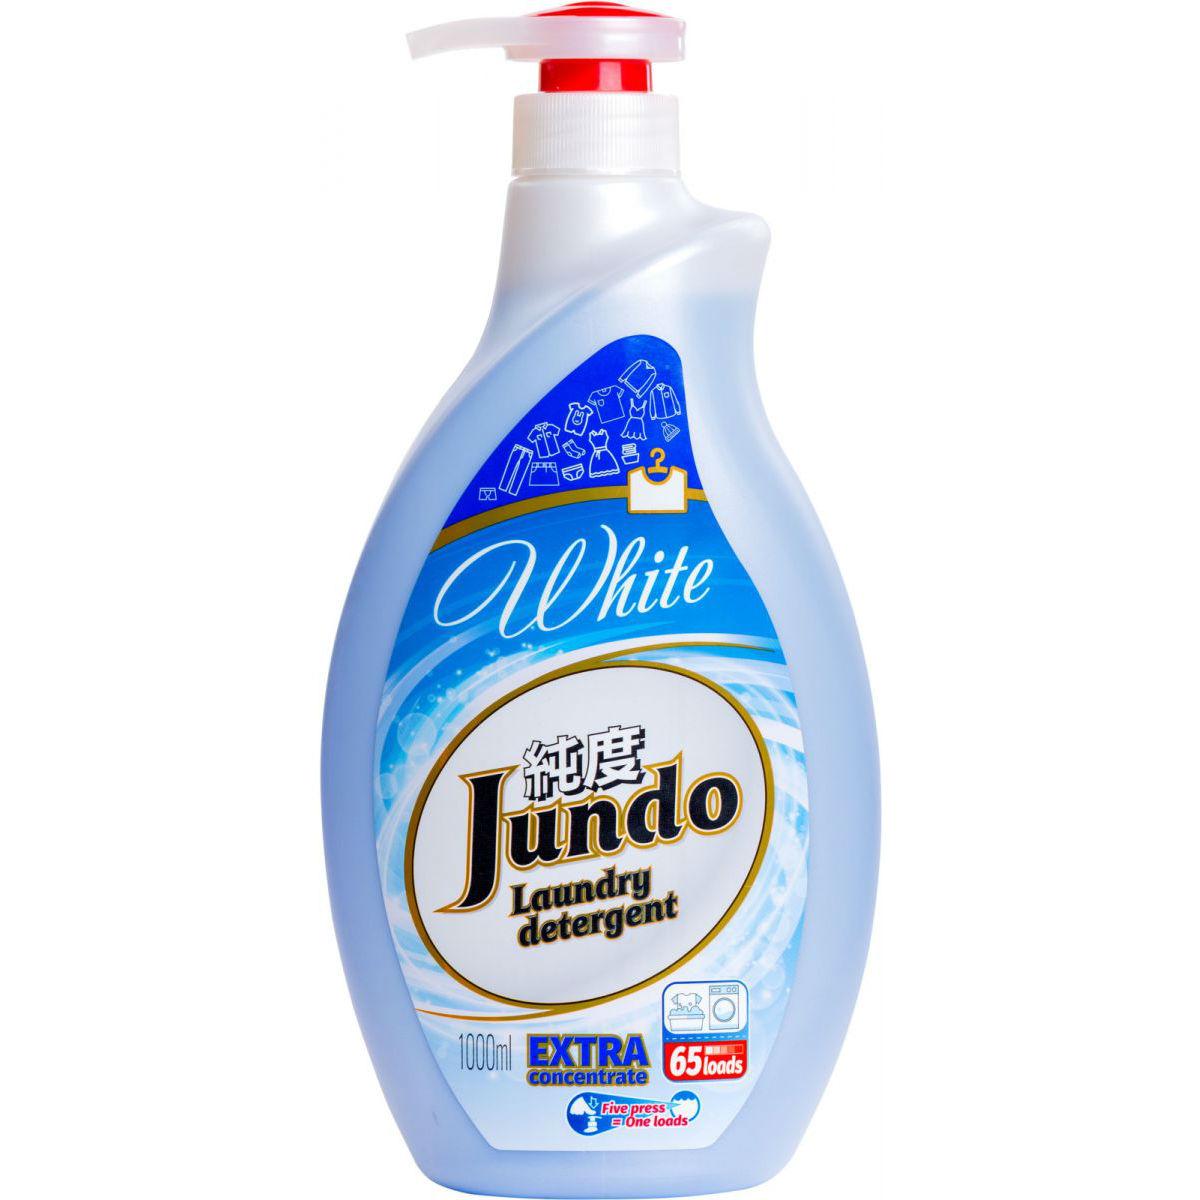 Купить Гель для стирки Jundo White 1 л, жидкое средство для стирки, Россия